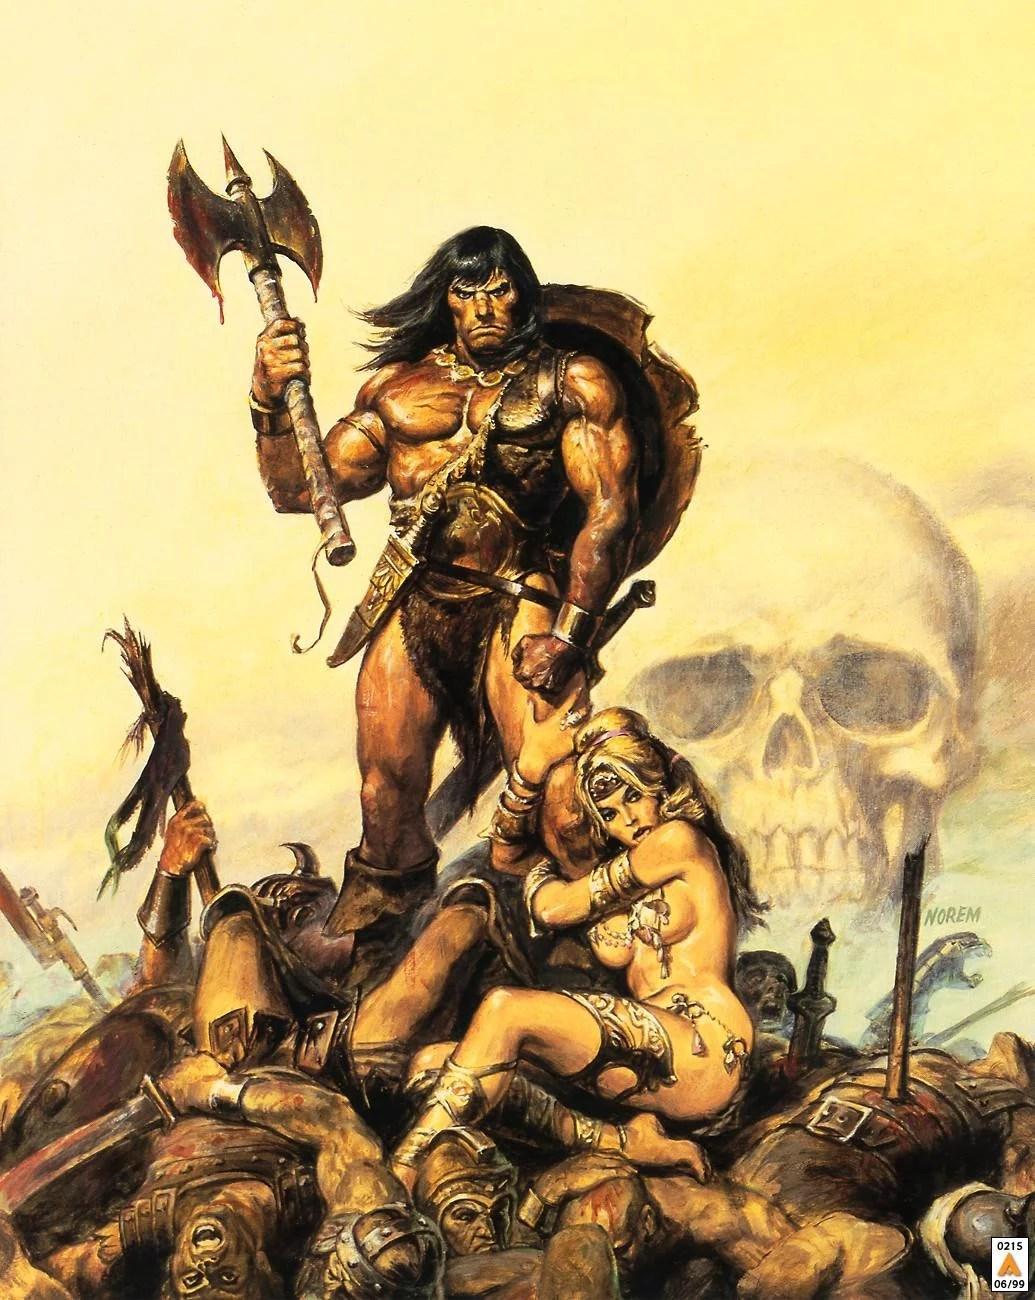 https://i2.wp.com/cdn.counter-currents.com/wp-content/uploads/2011/08/Conan-the-Barbarian.jpg